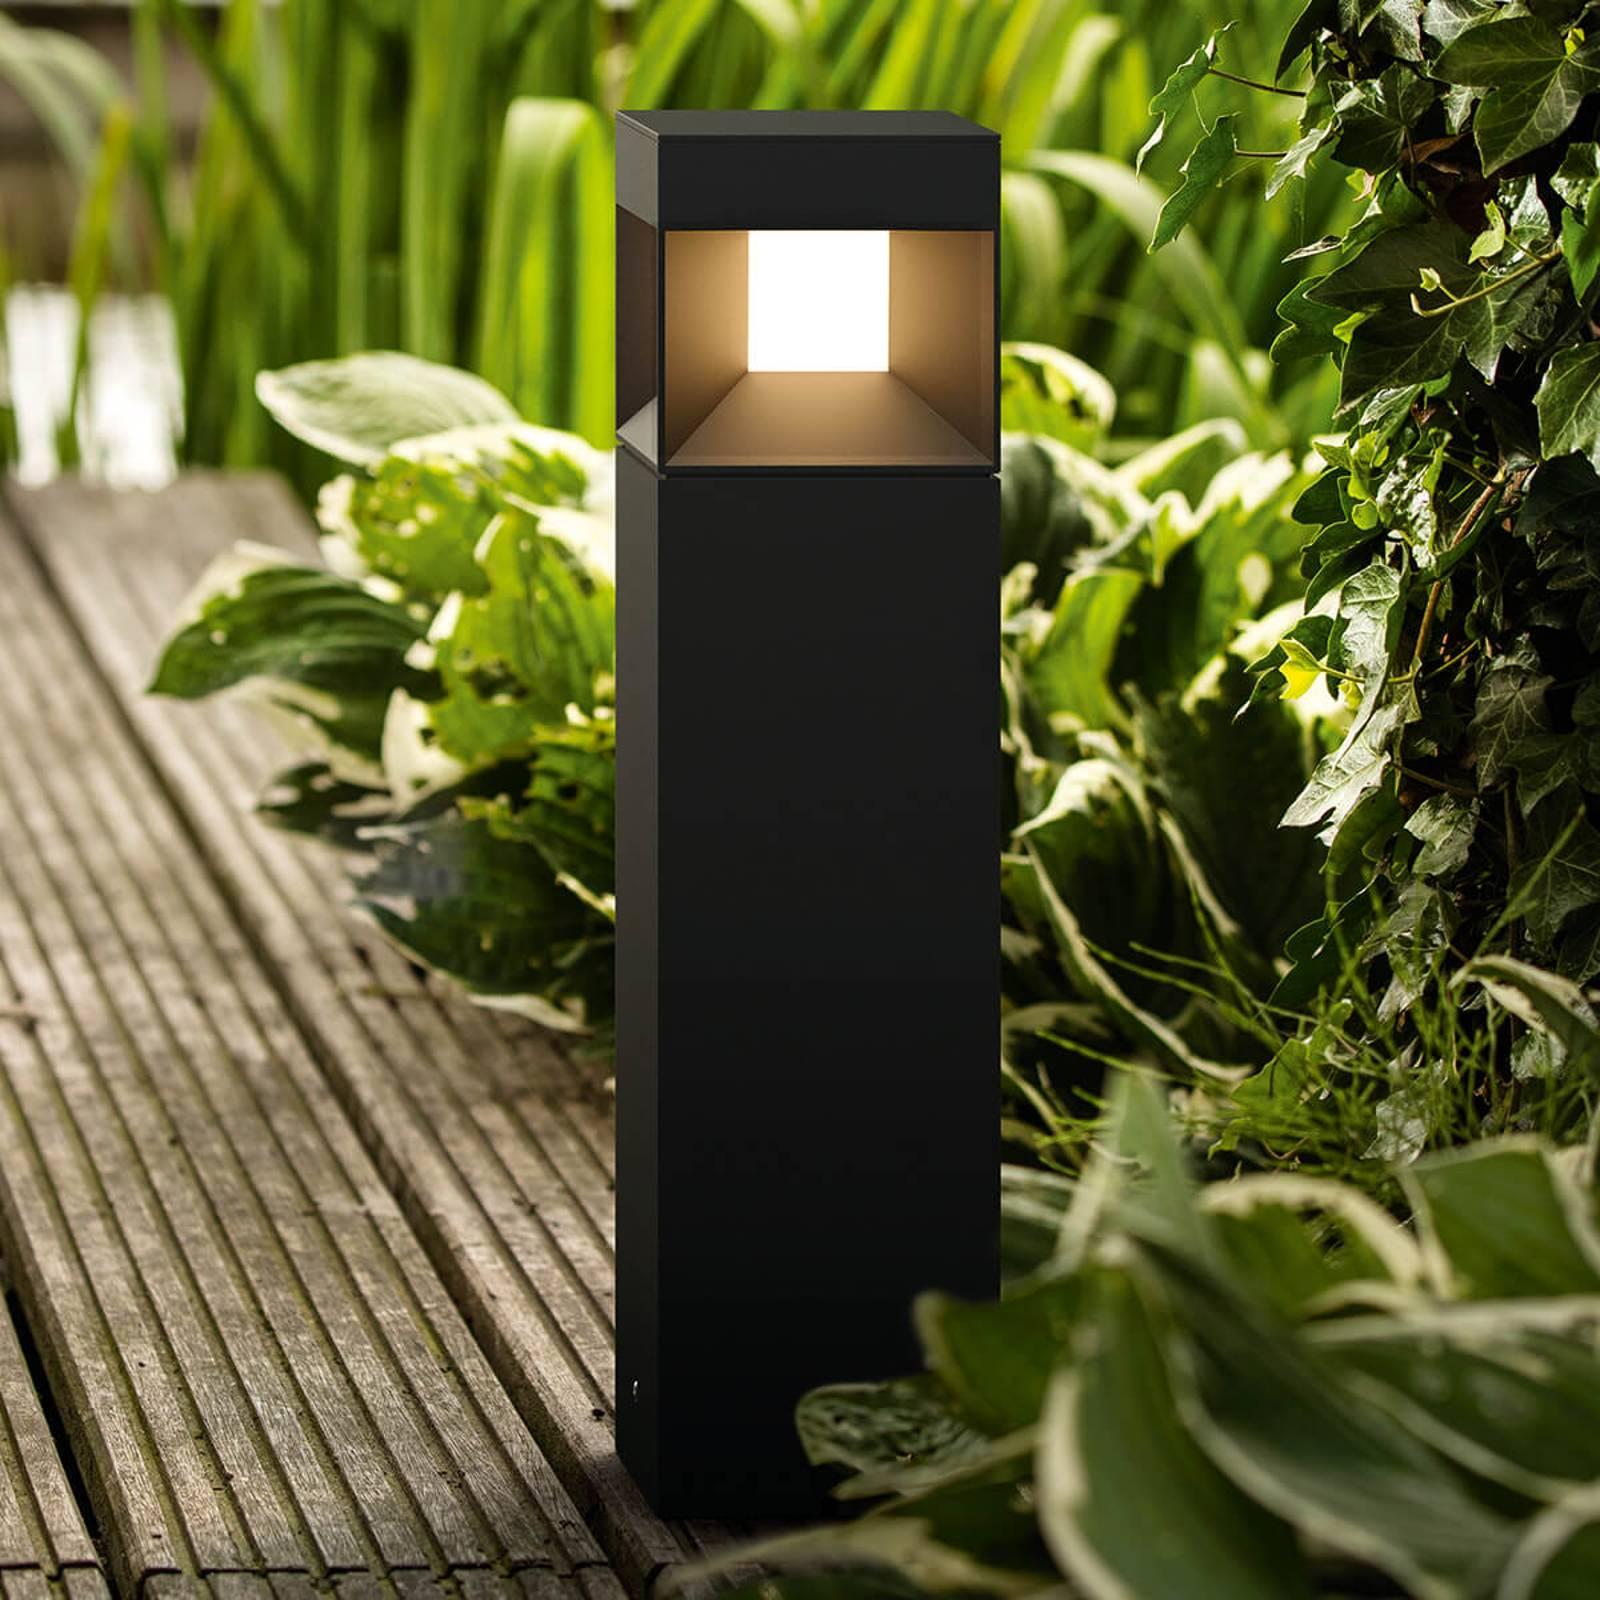 Hienostunut LED-pollarivalaisin Parterre